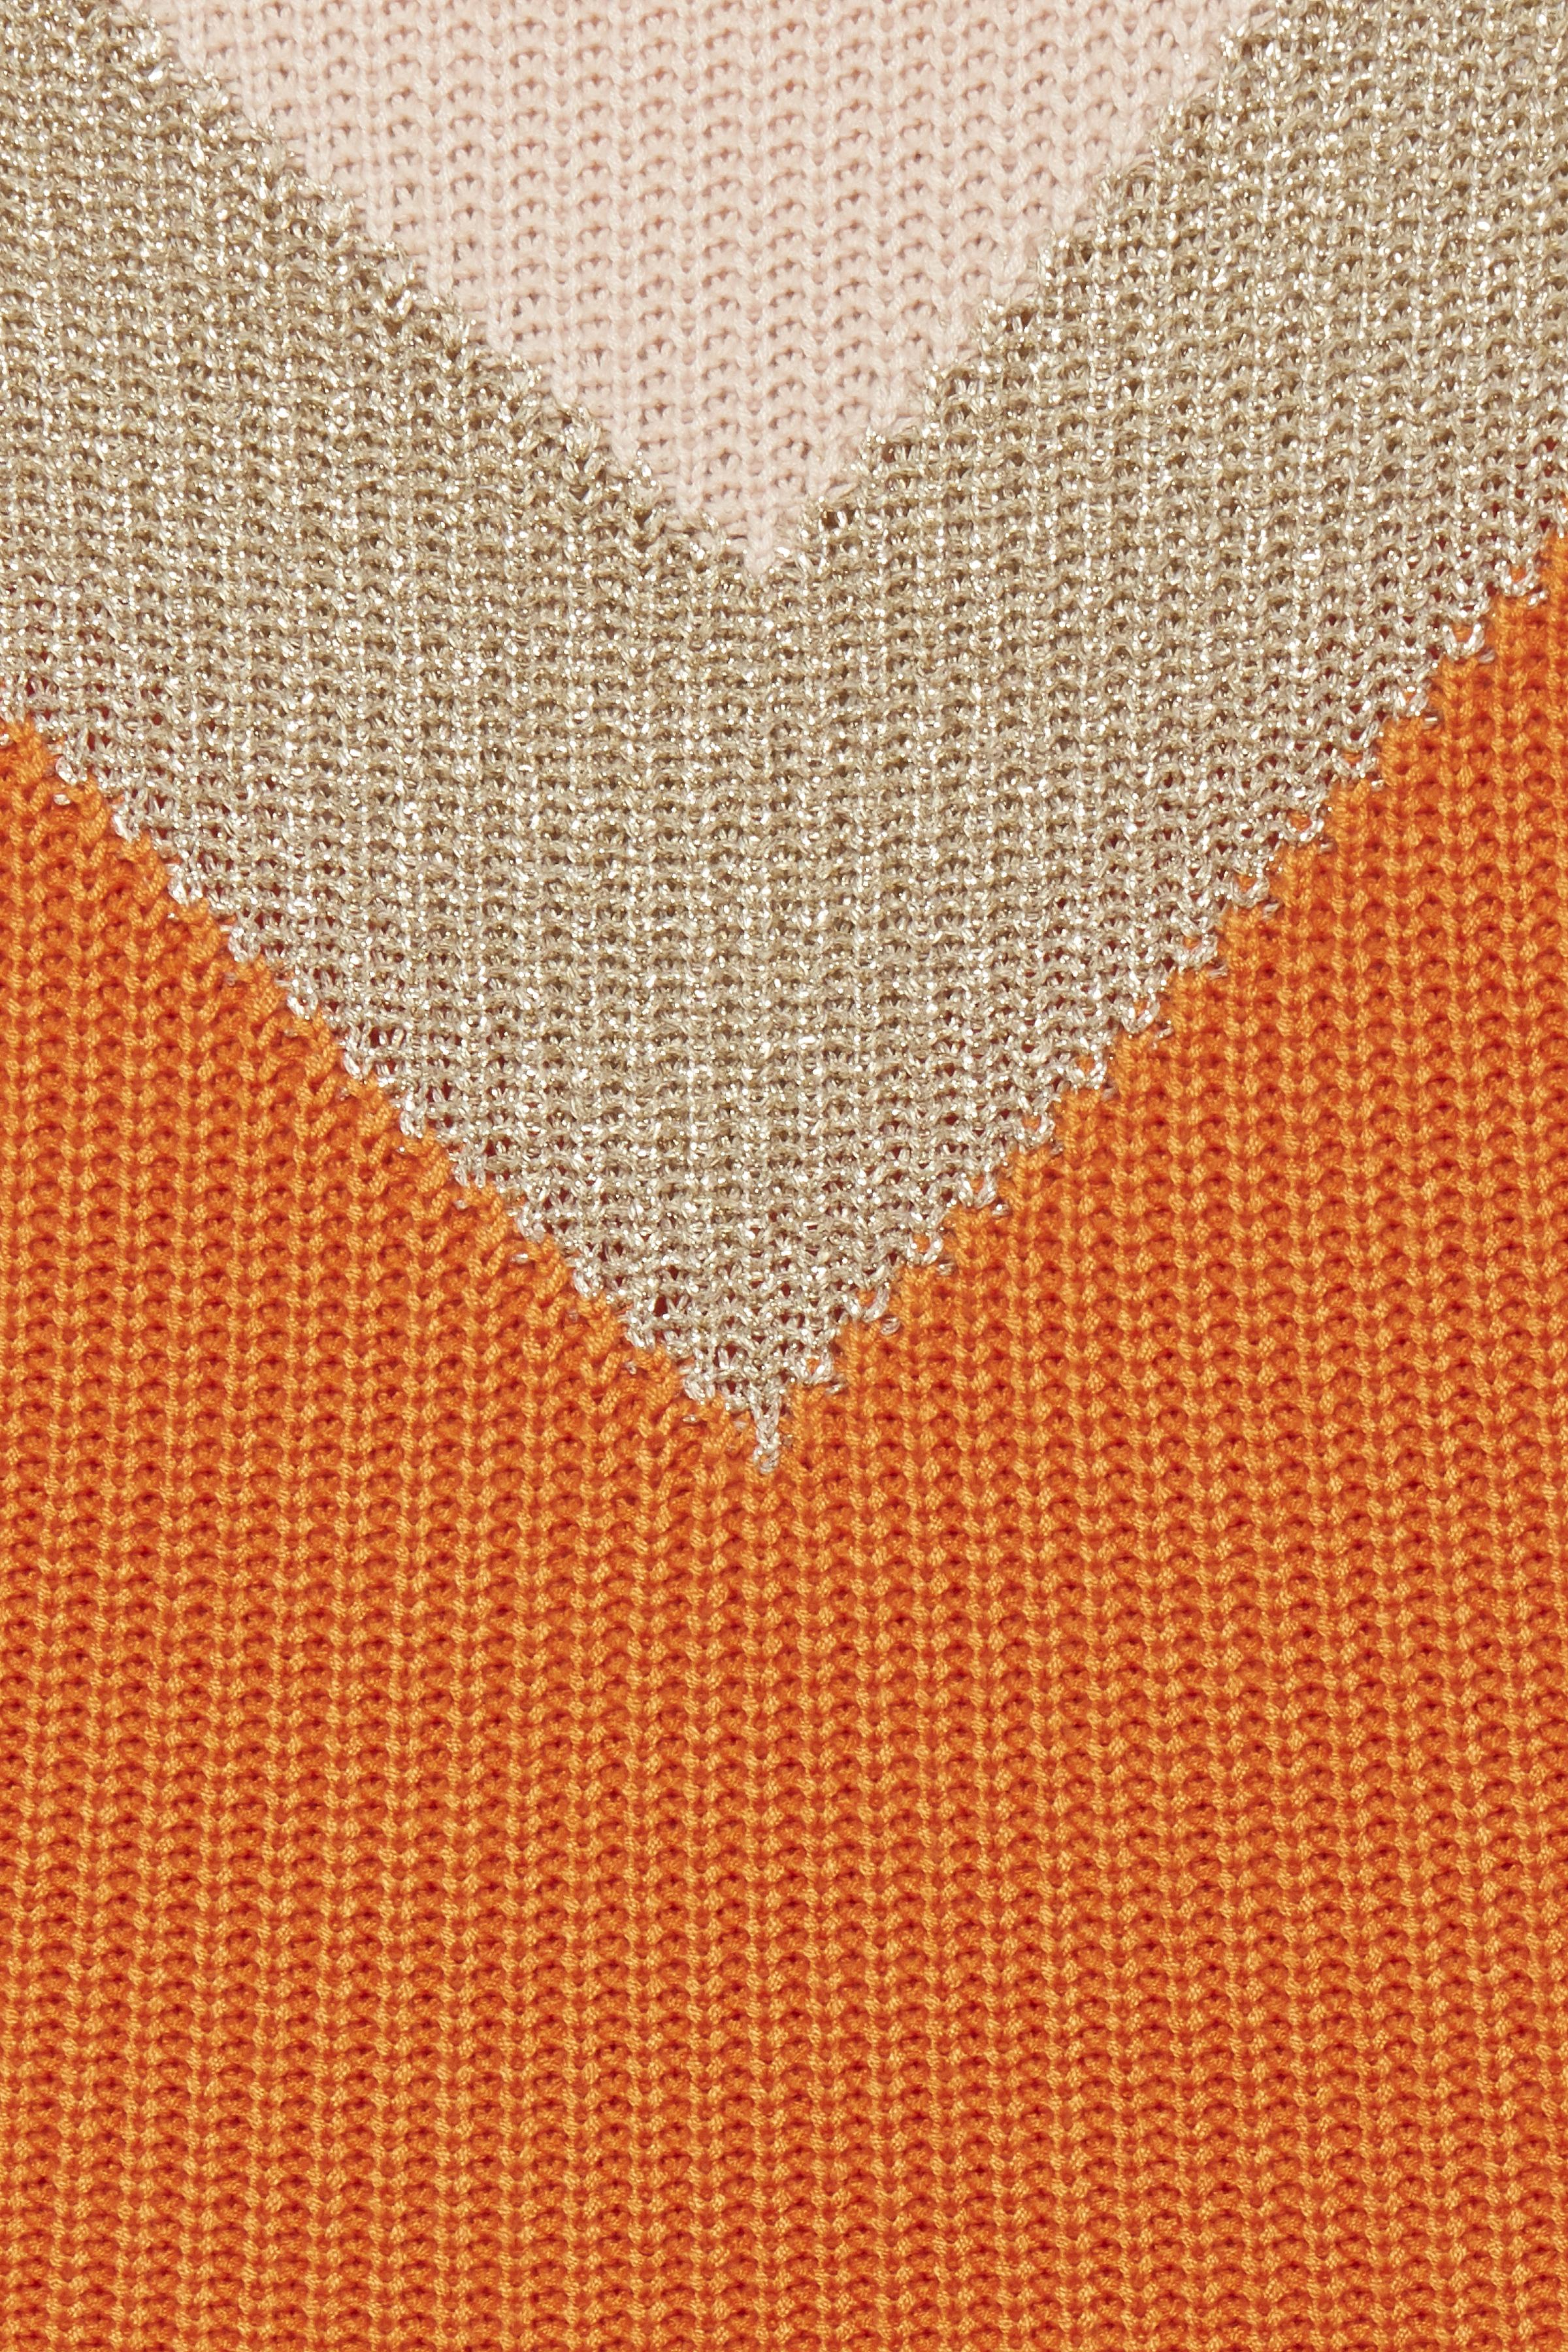 Russet Orange Strikpullover – Køb Russet Orange Strikpullover fra str. XS-XL her